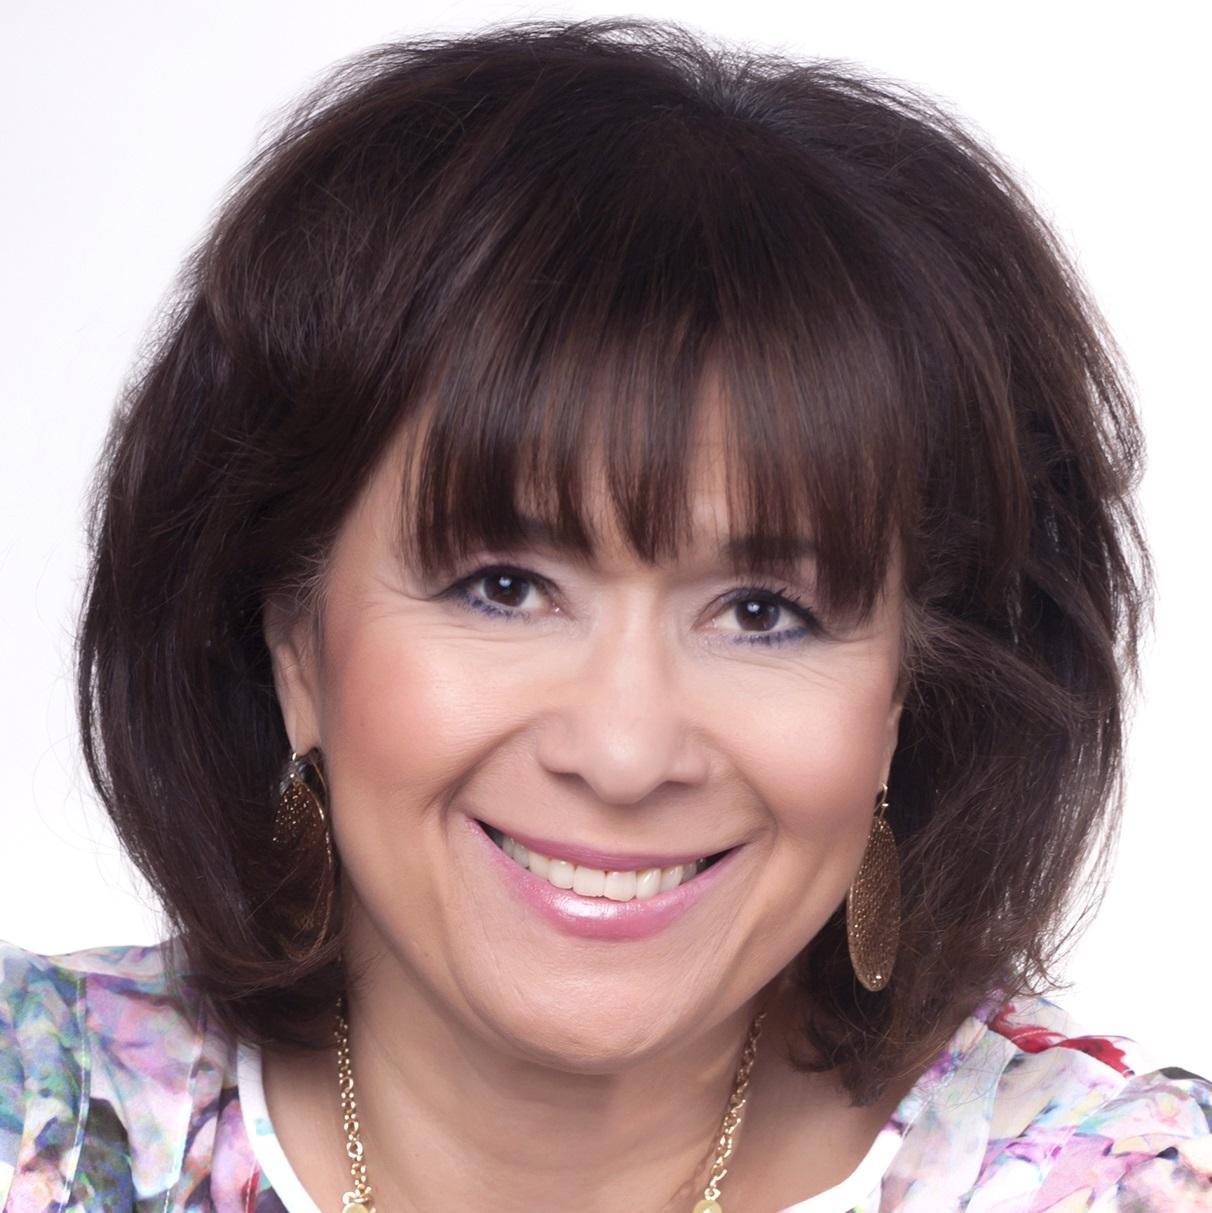 Maria Busch